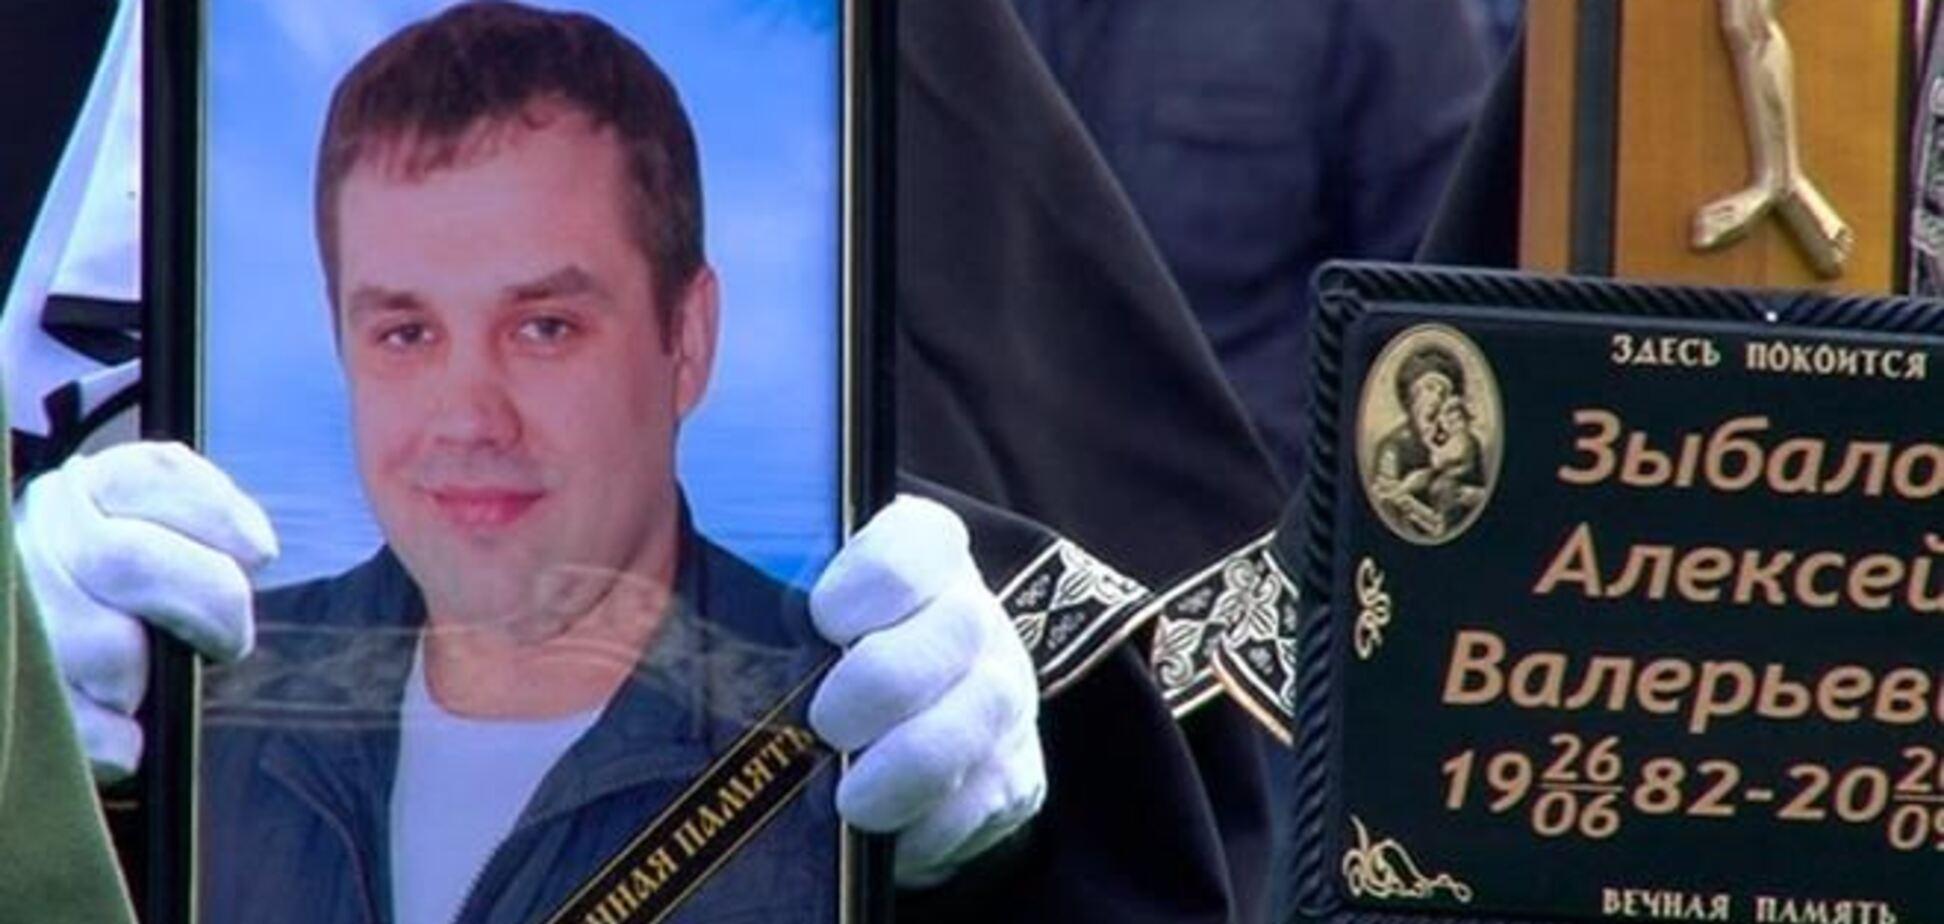 Одеського чемпіона з регбі вбили через машини